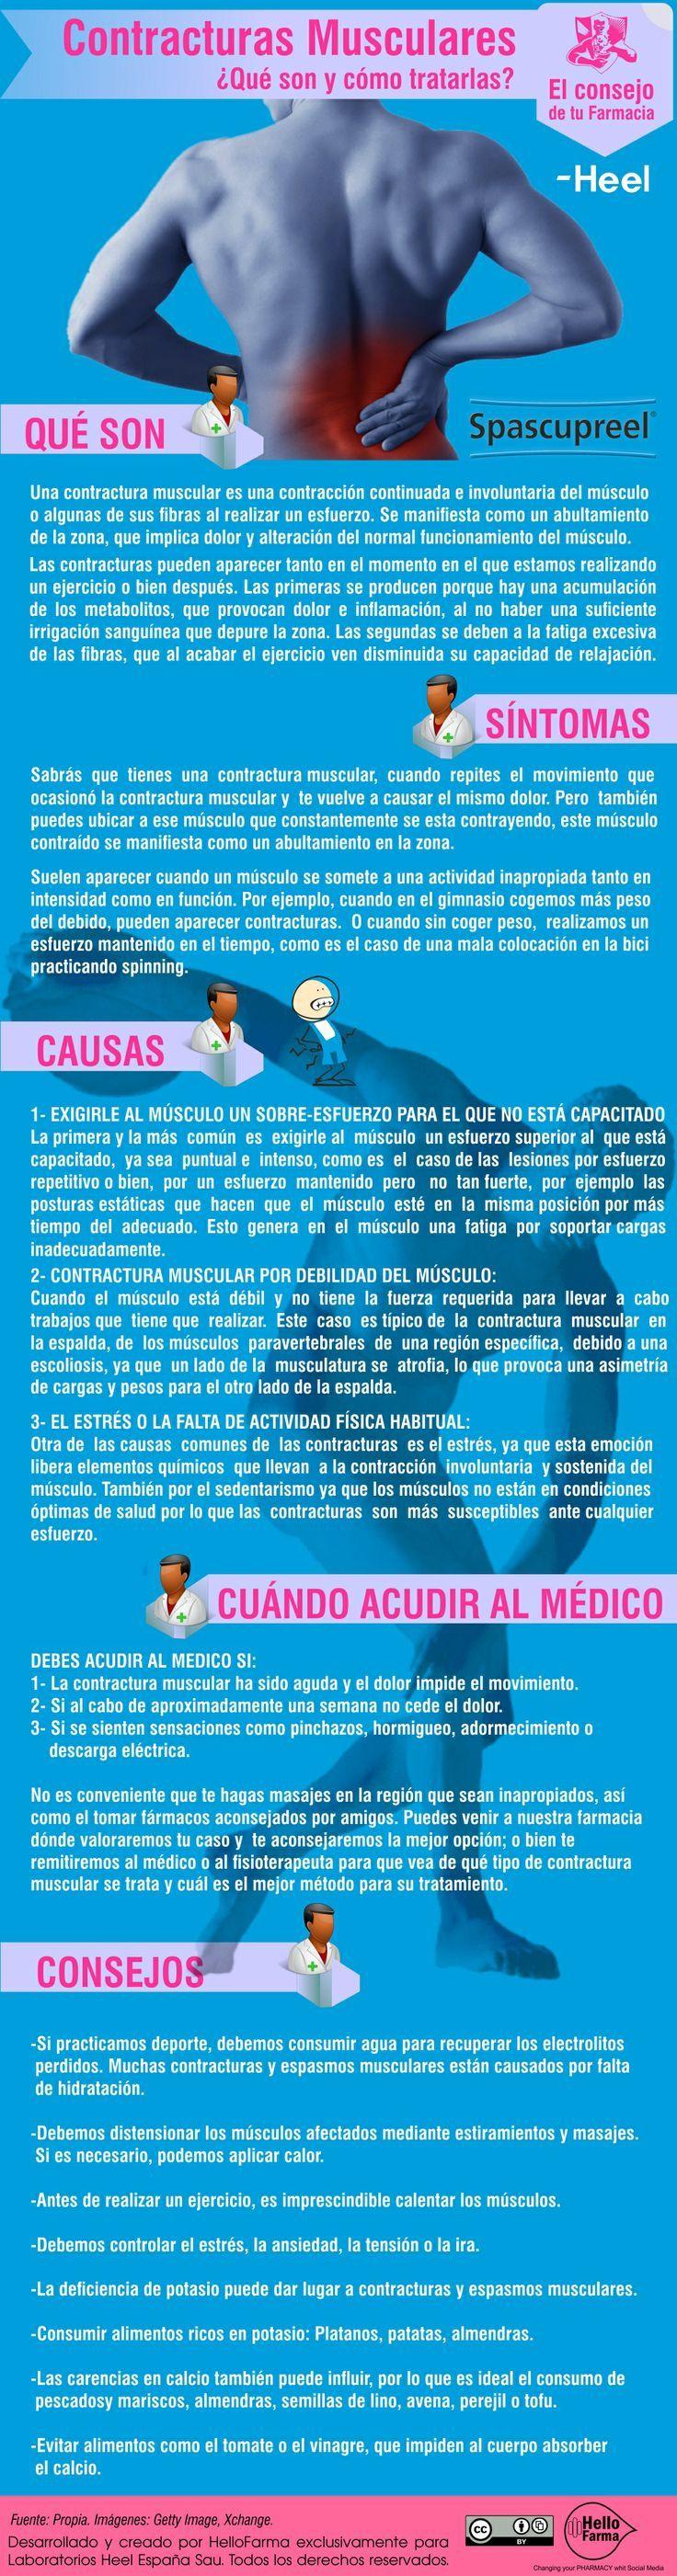 Contracturas musculares. ¿Qué son y cómo tratarlas? #contracturas #infografía #infographic